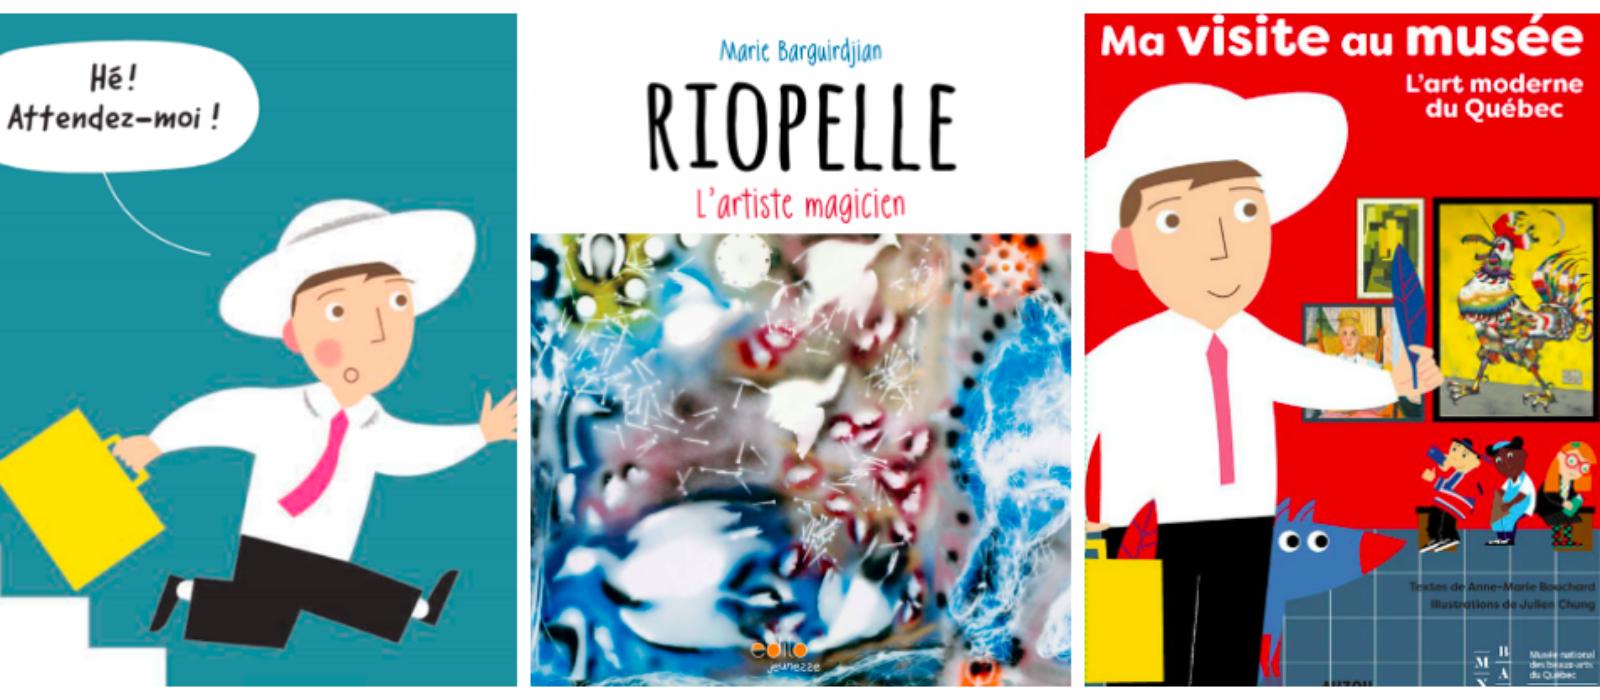 2 livres d'art pour préparer sa visite au musée avec les enfants